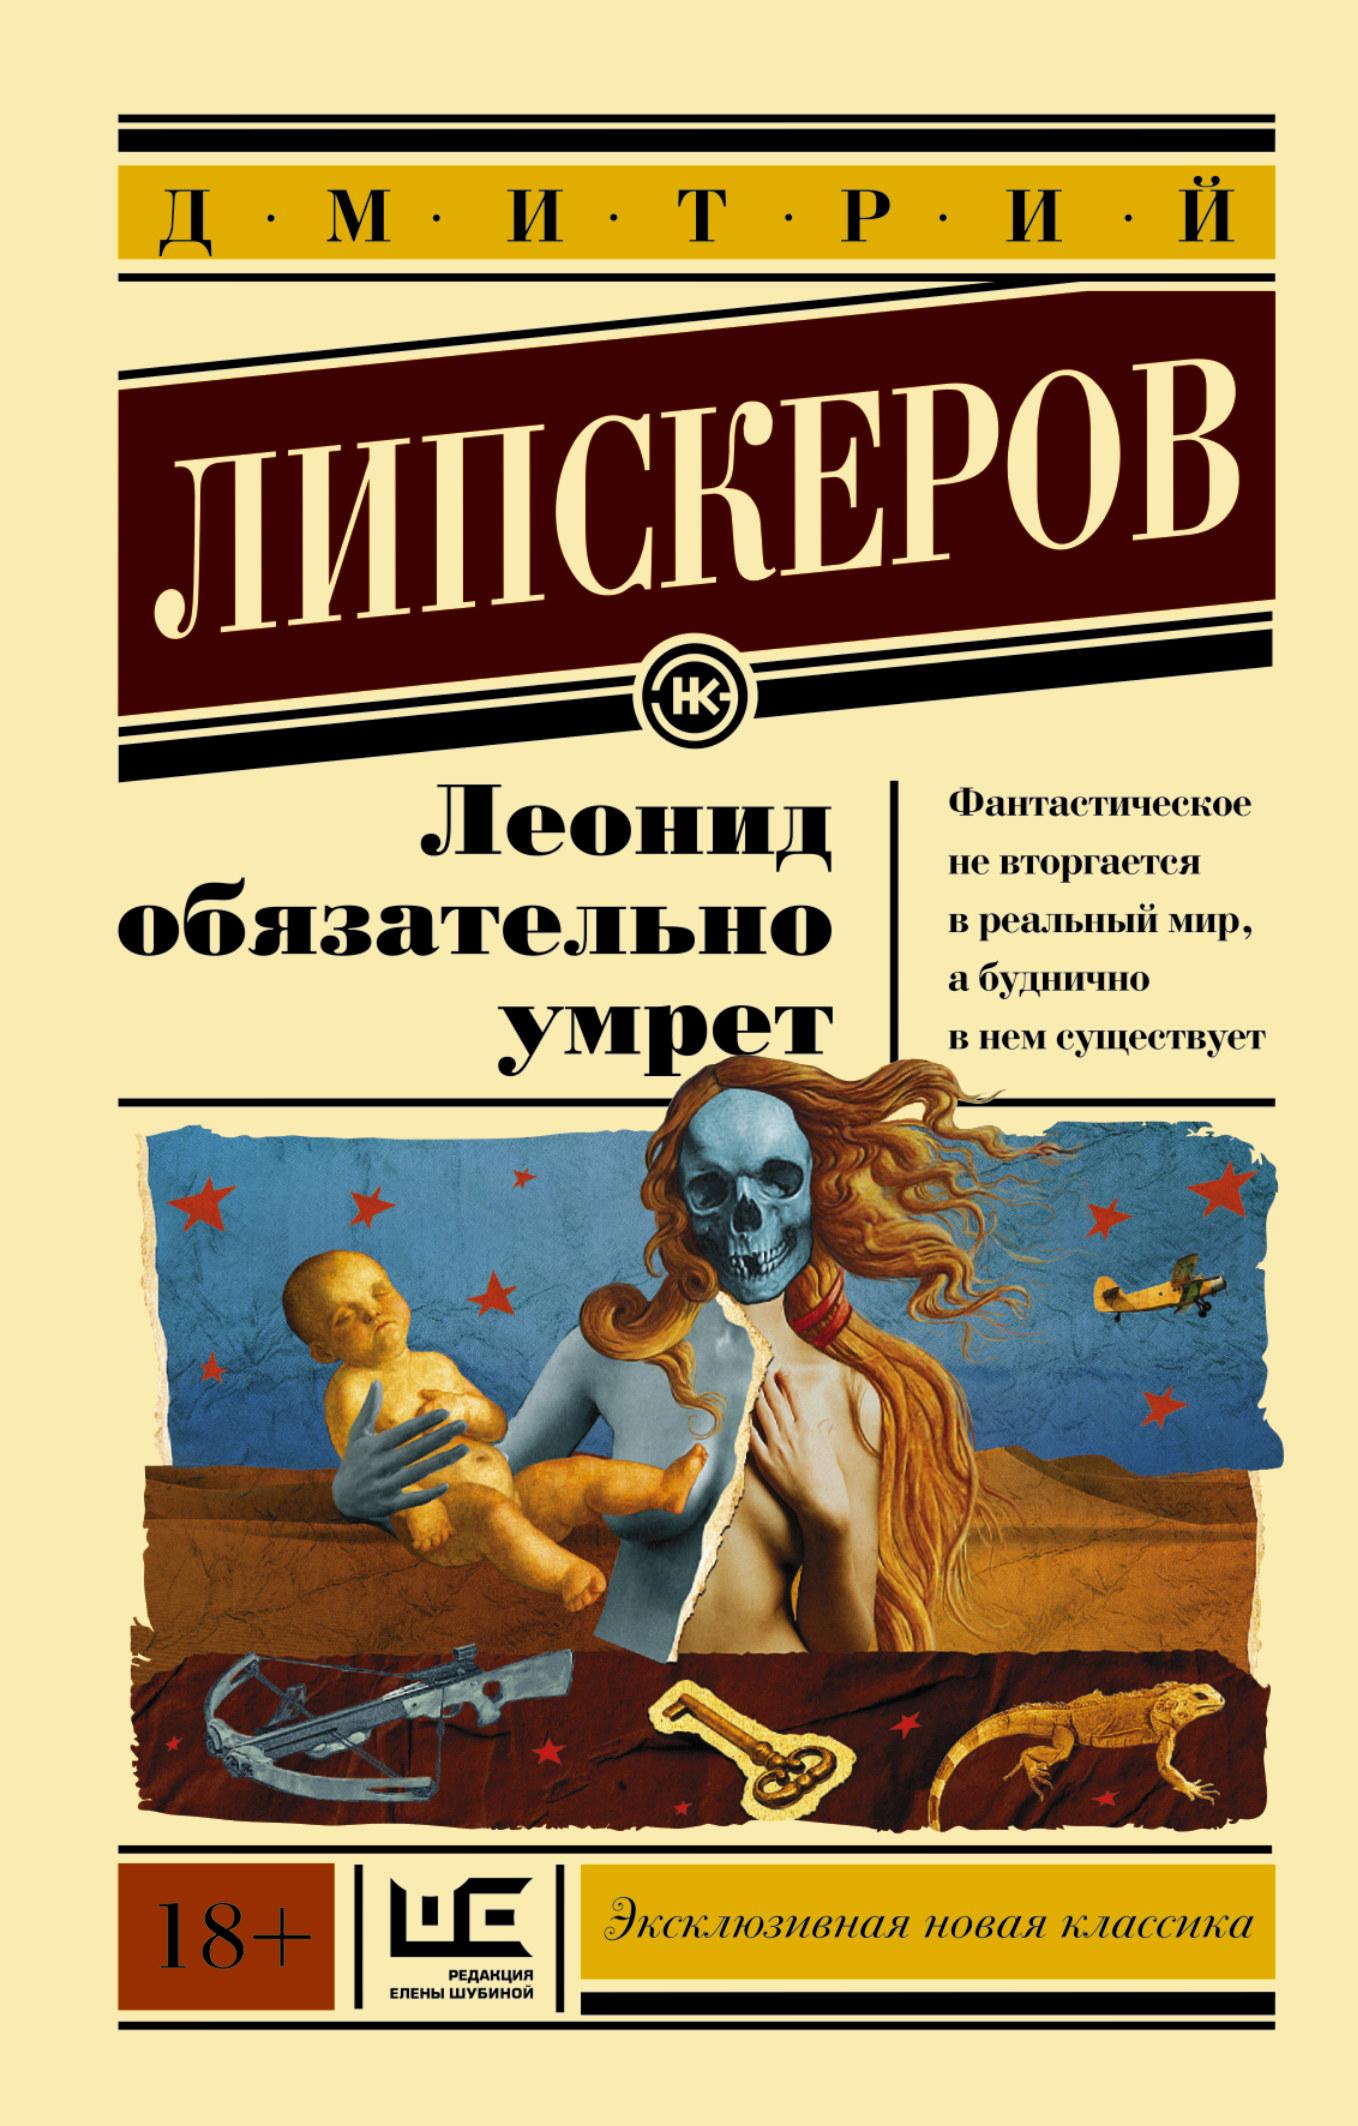 Липскеров Д.М. Леонид обязательно умрет gotz кукла ханна модница